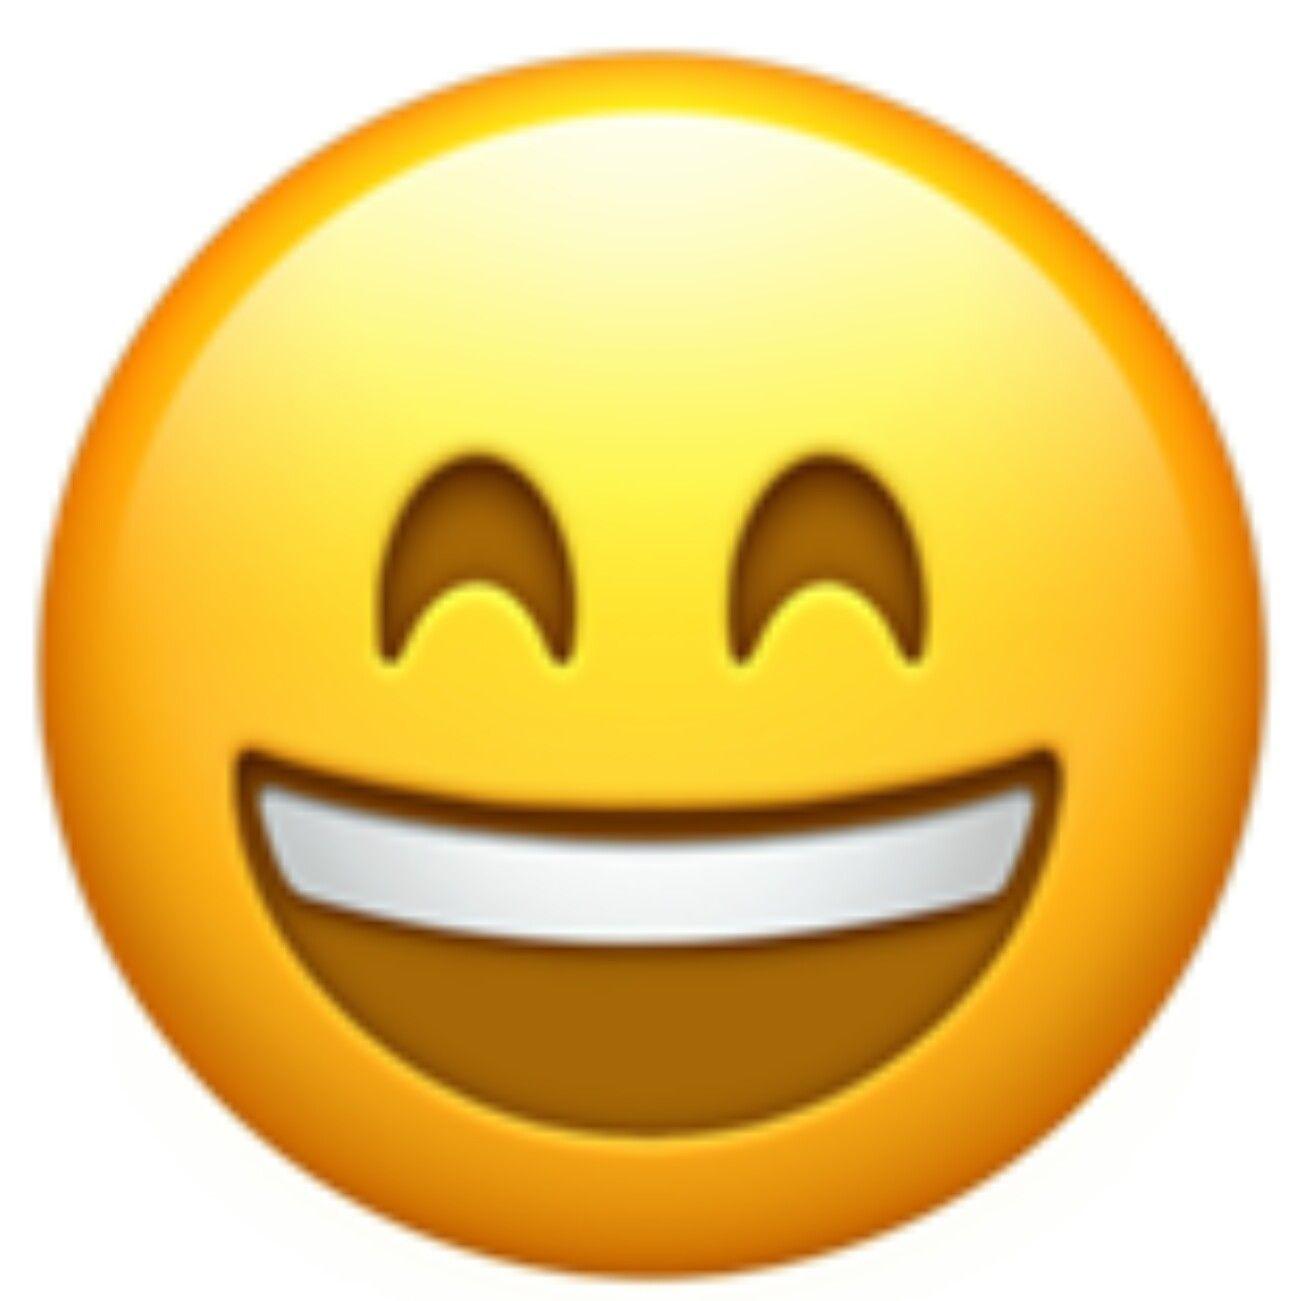 Image result for happy emoji face